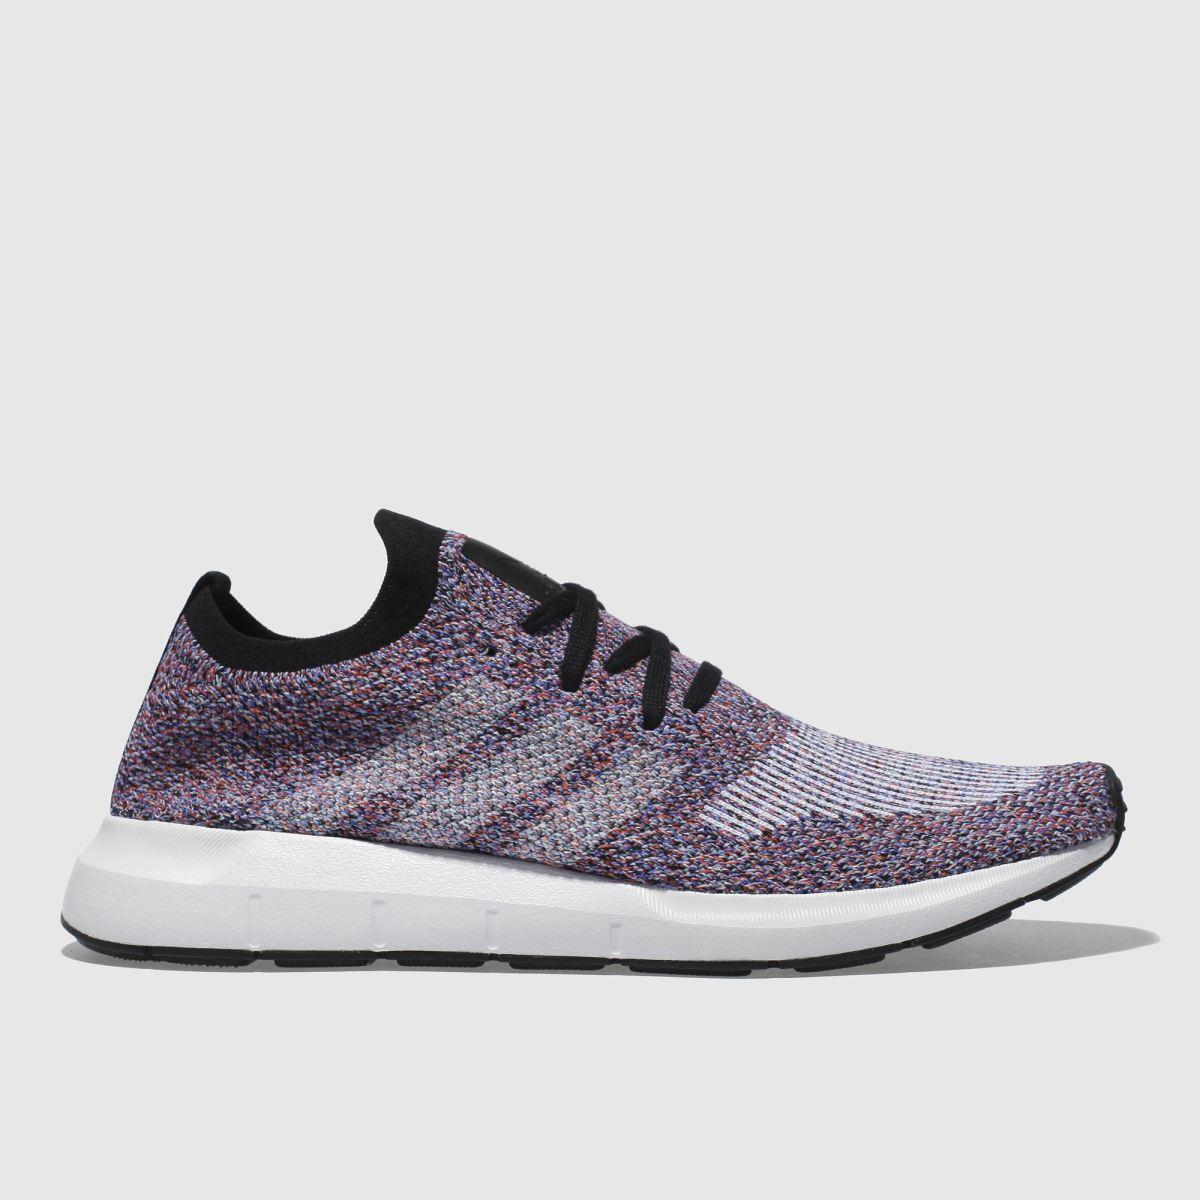 Adidas Purple Swift Run Primeknit Trainers